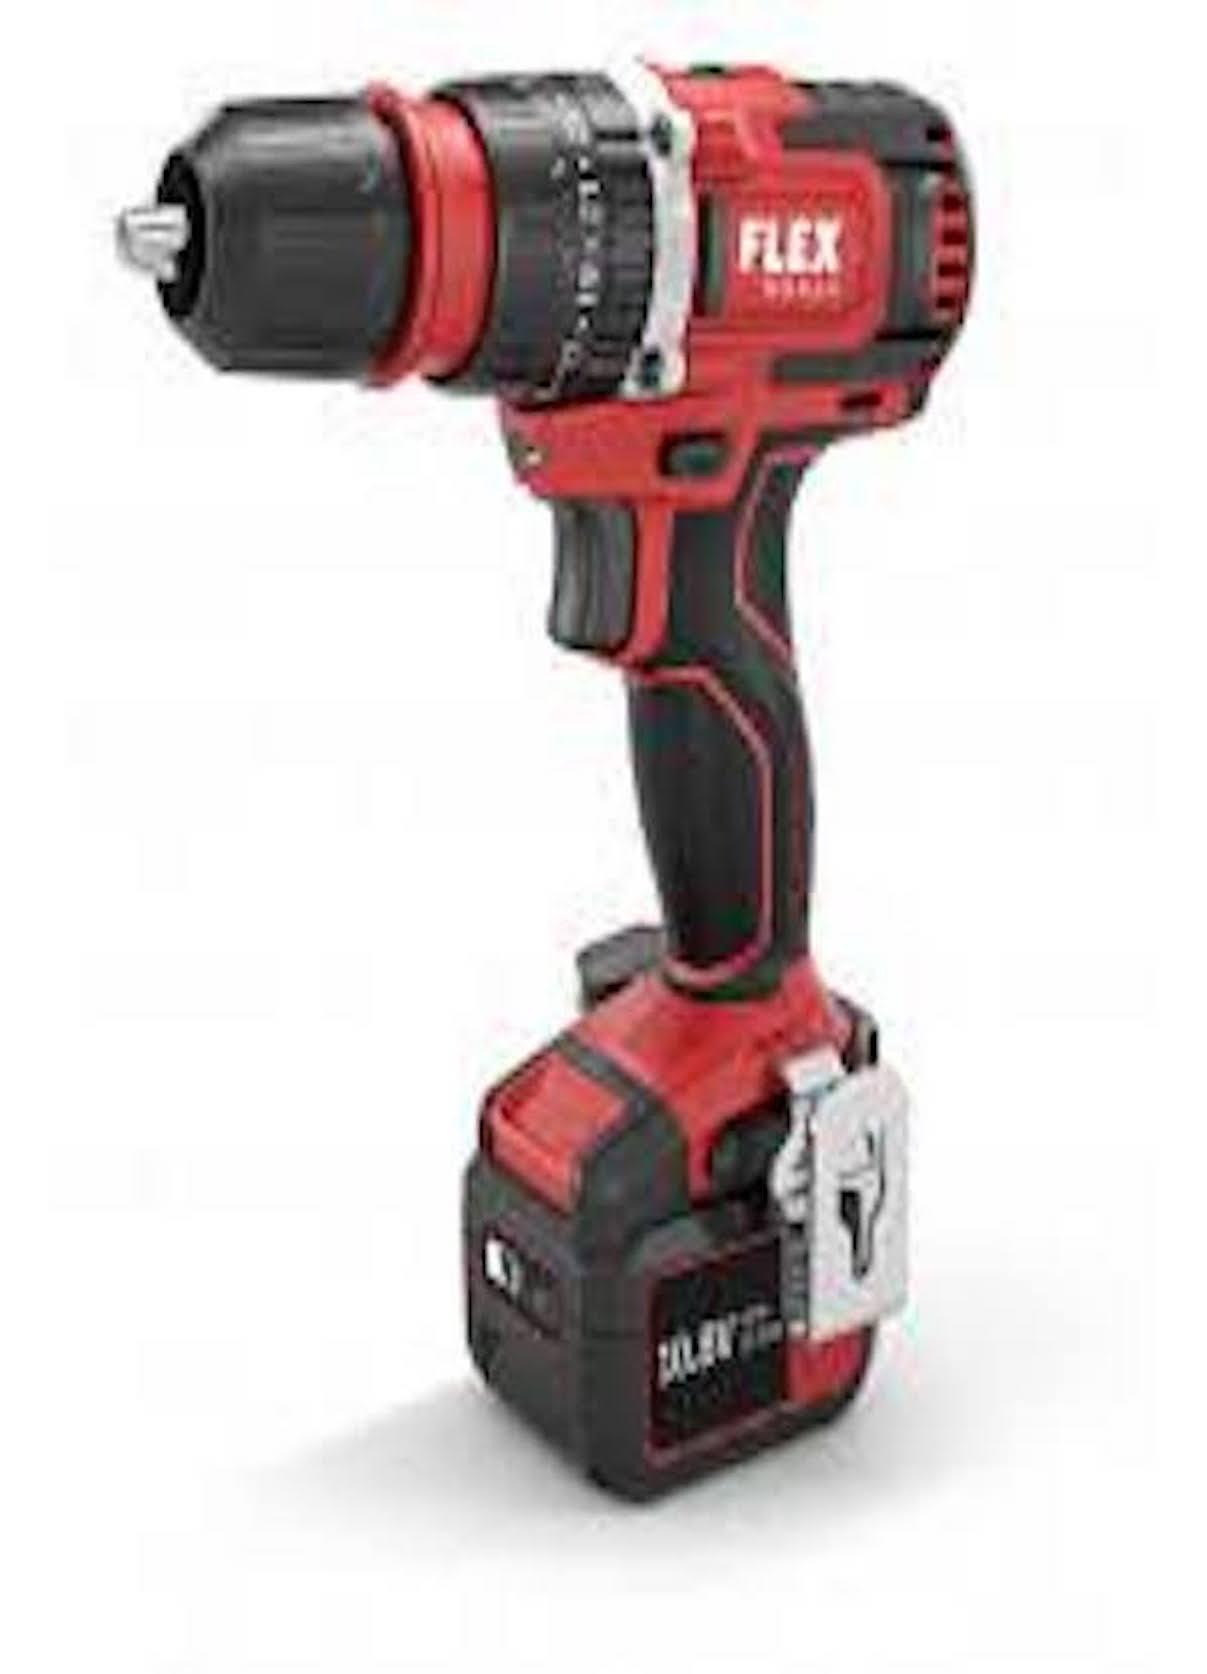 Flex Elværktøj